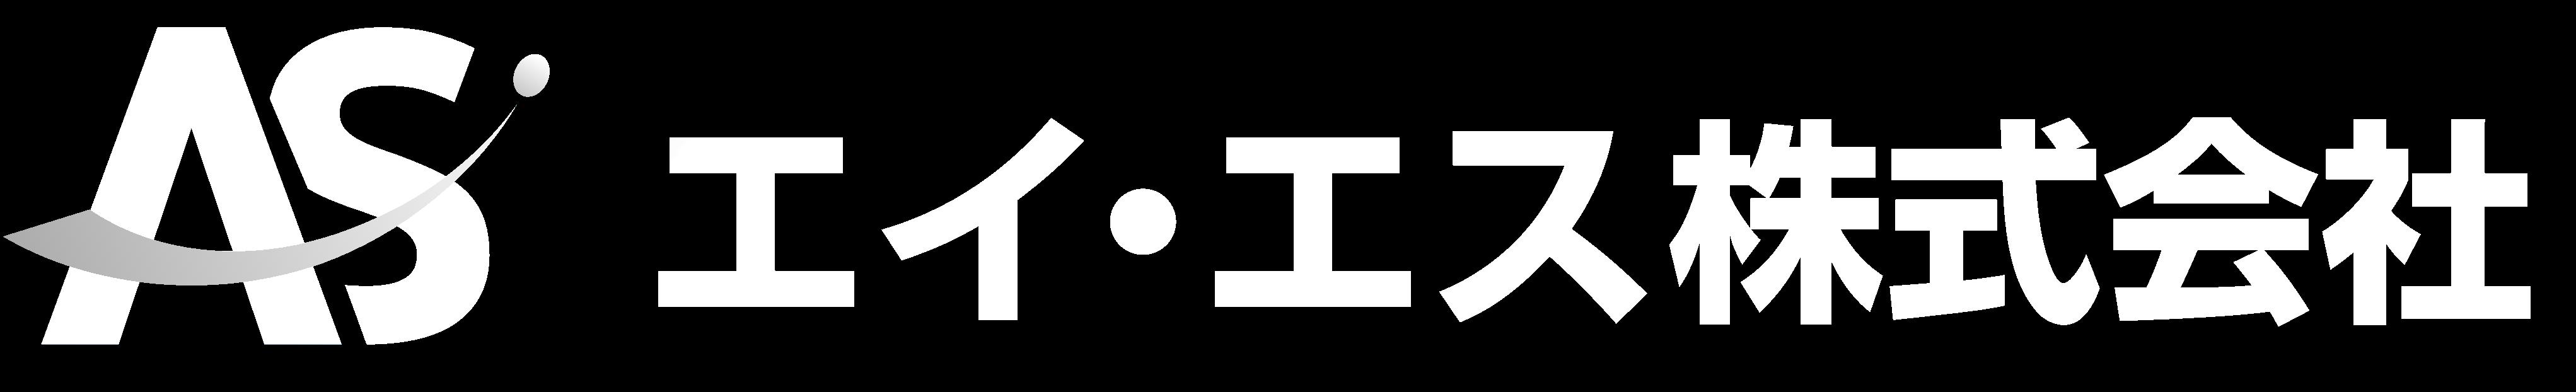 エイ・エス株式会社